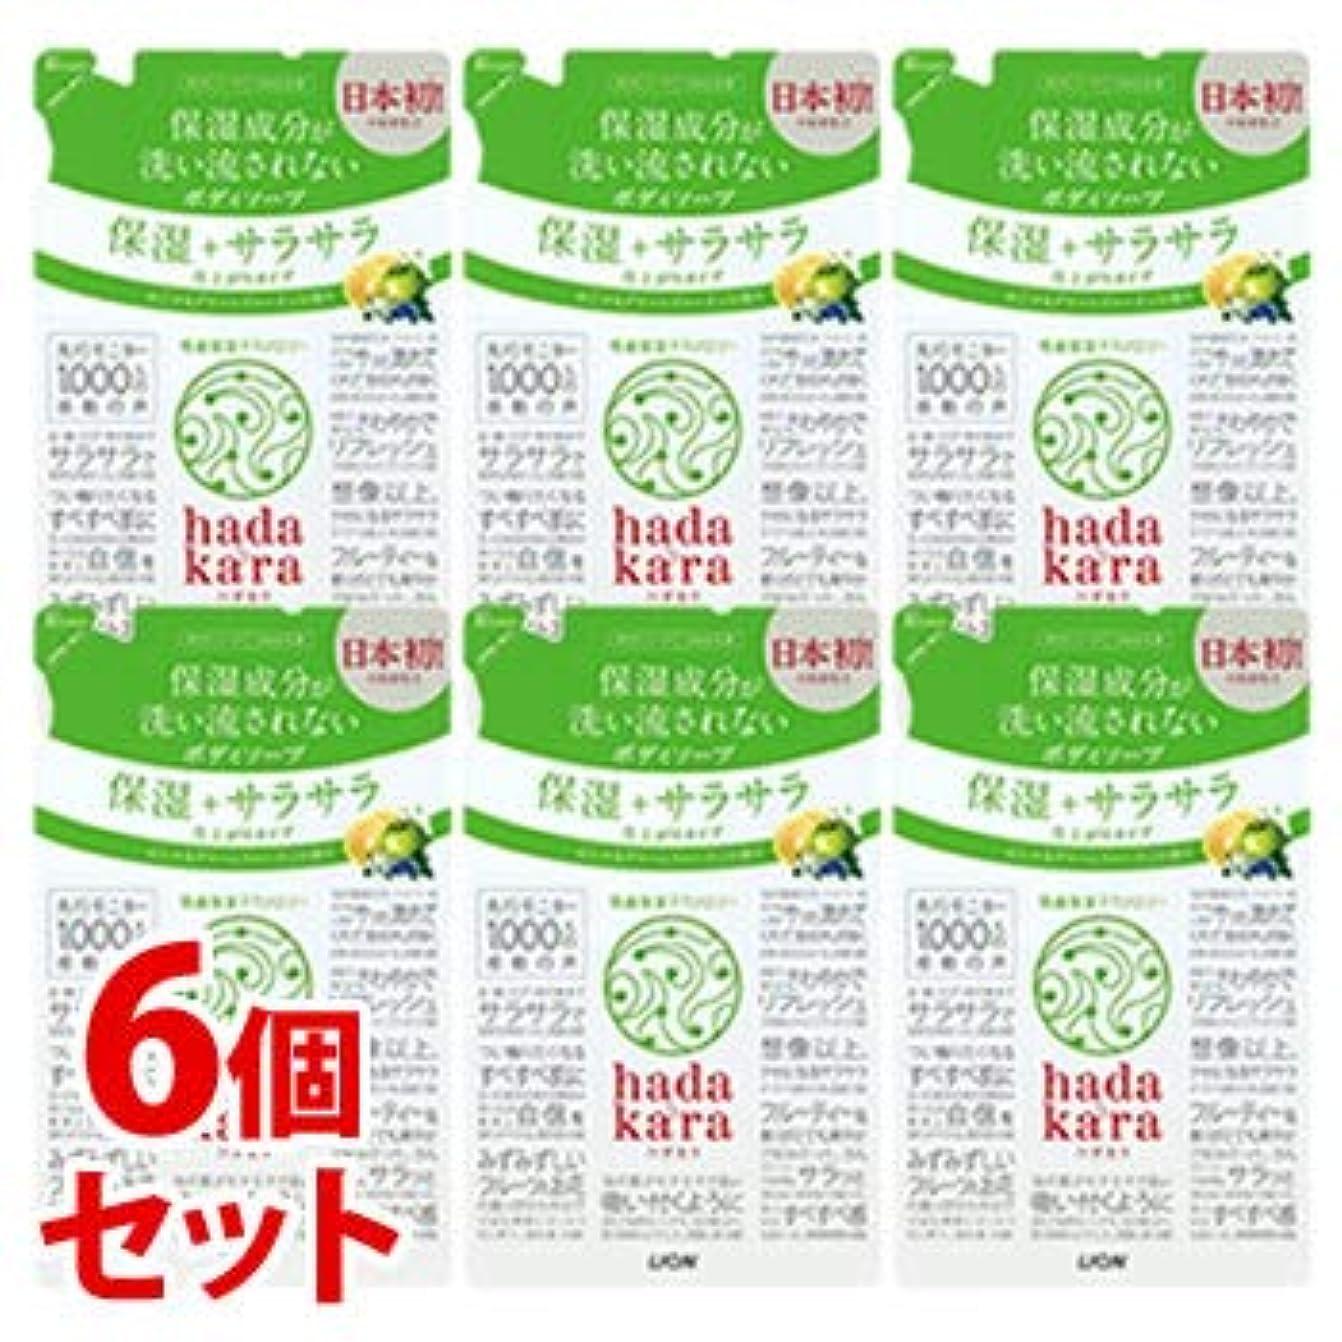 実際の値下げアパル《セット販売》 ライオン ハダカラ hadakara ボディソープ 保湿+サラサラ仕上がりタイプ グリーンフルーティの香り つめかえ用 (340mL)×6個セット 詰め替え用